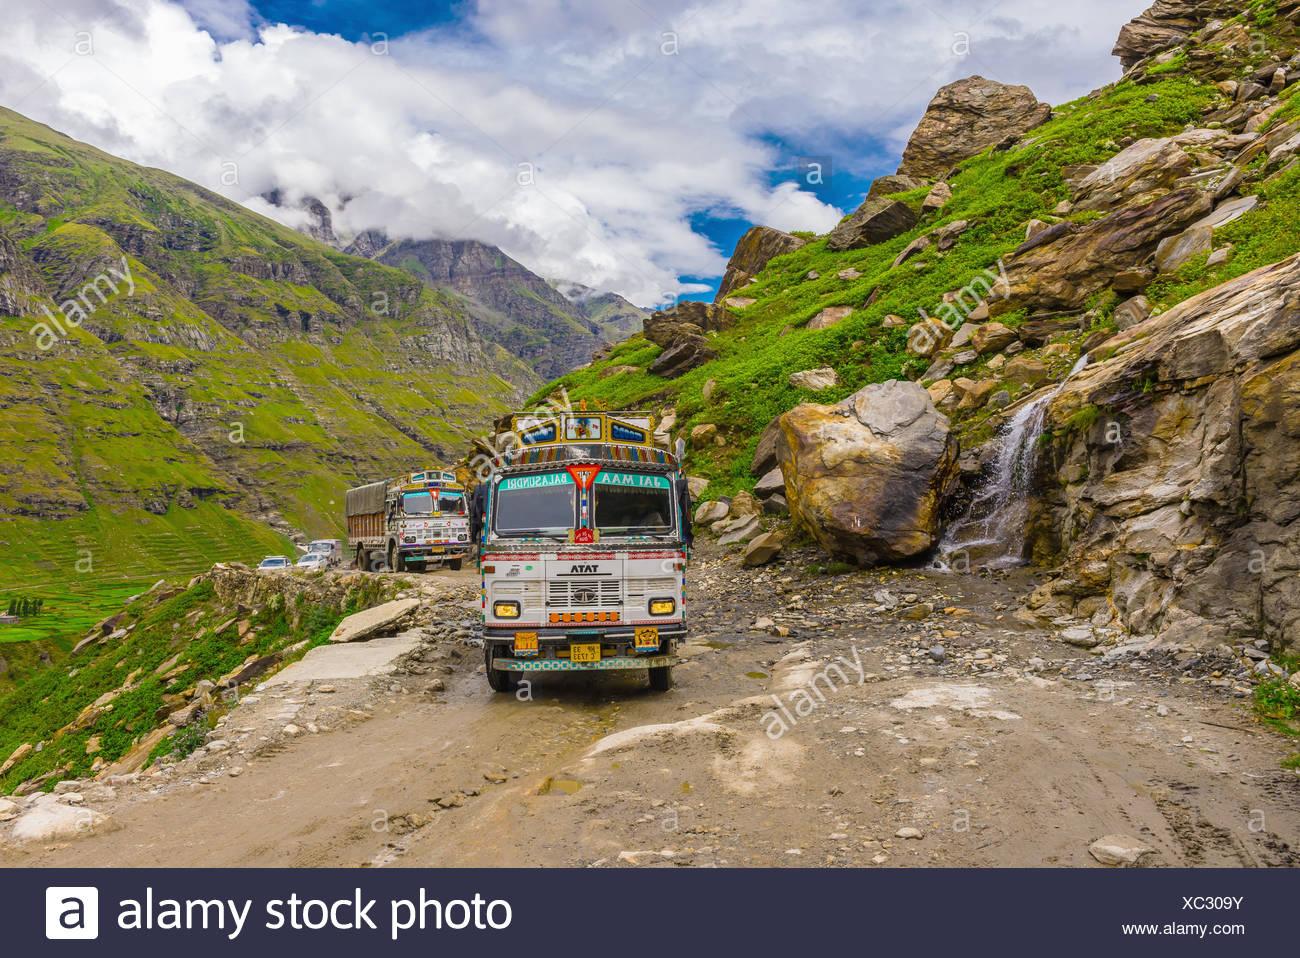 Asia 13 imágenes en color de nube conectar pie autopista Himachal Pradesh Himalaya India lahaul Leh-Manali horizontal cerca de Manali panjal Imagen De Stock